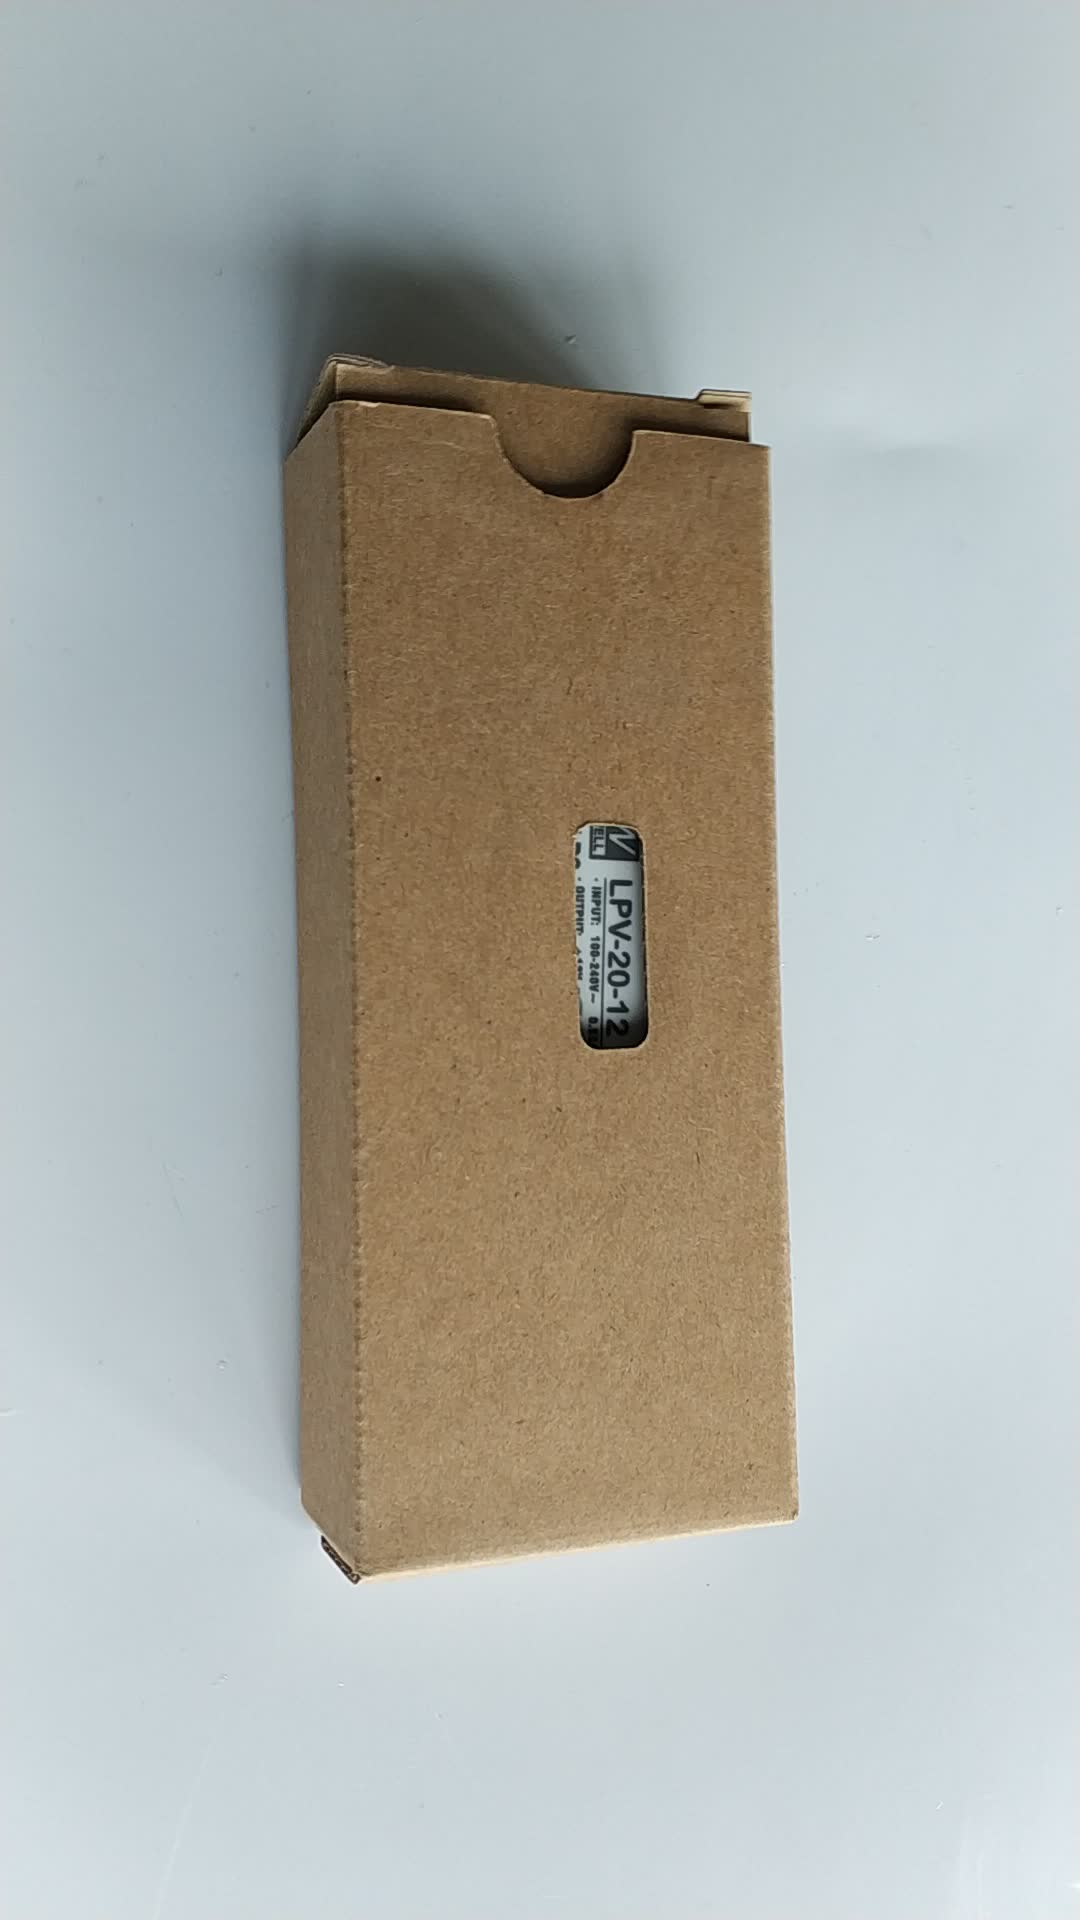 Mean Well LED driver com caixa plástica 18 w Única Saída de Comutação da fonte de Alimentação LEVOU para a decoração